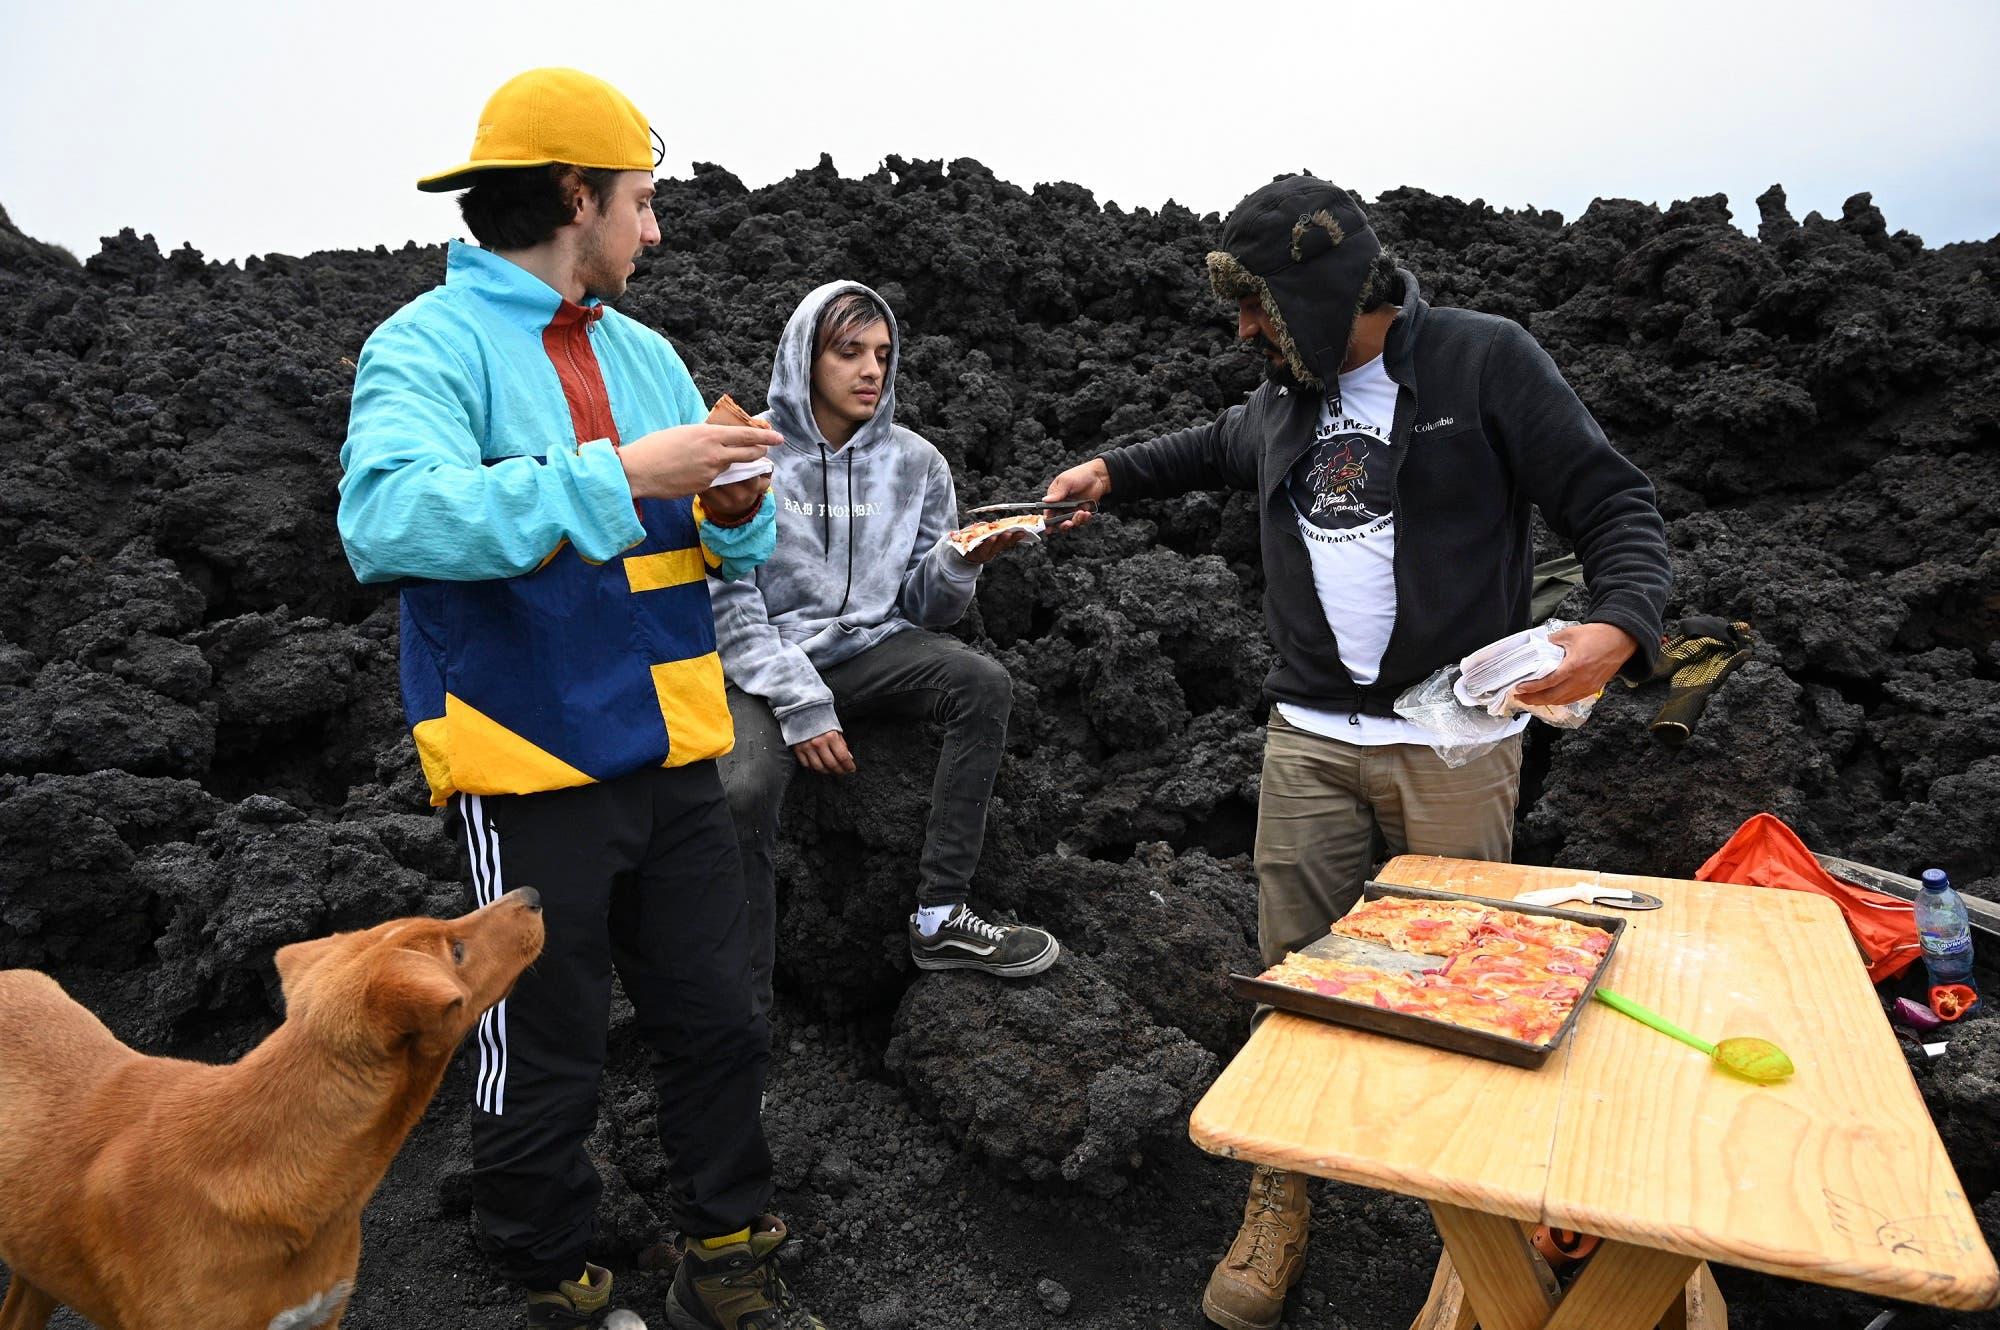 ديفيد غارسيا يقدم البيتزا للسياح (فرانس برس)